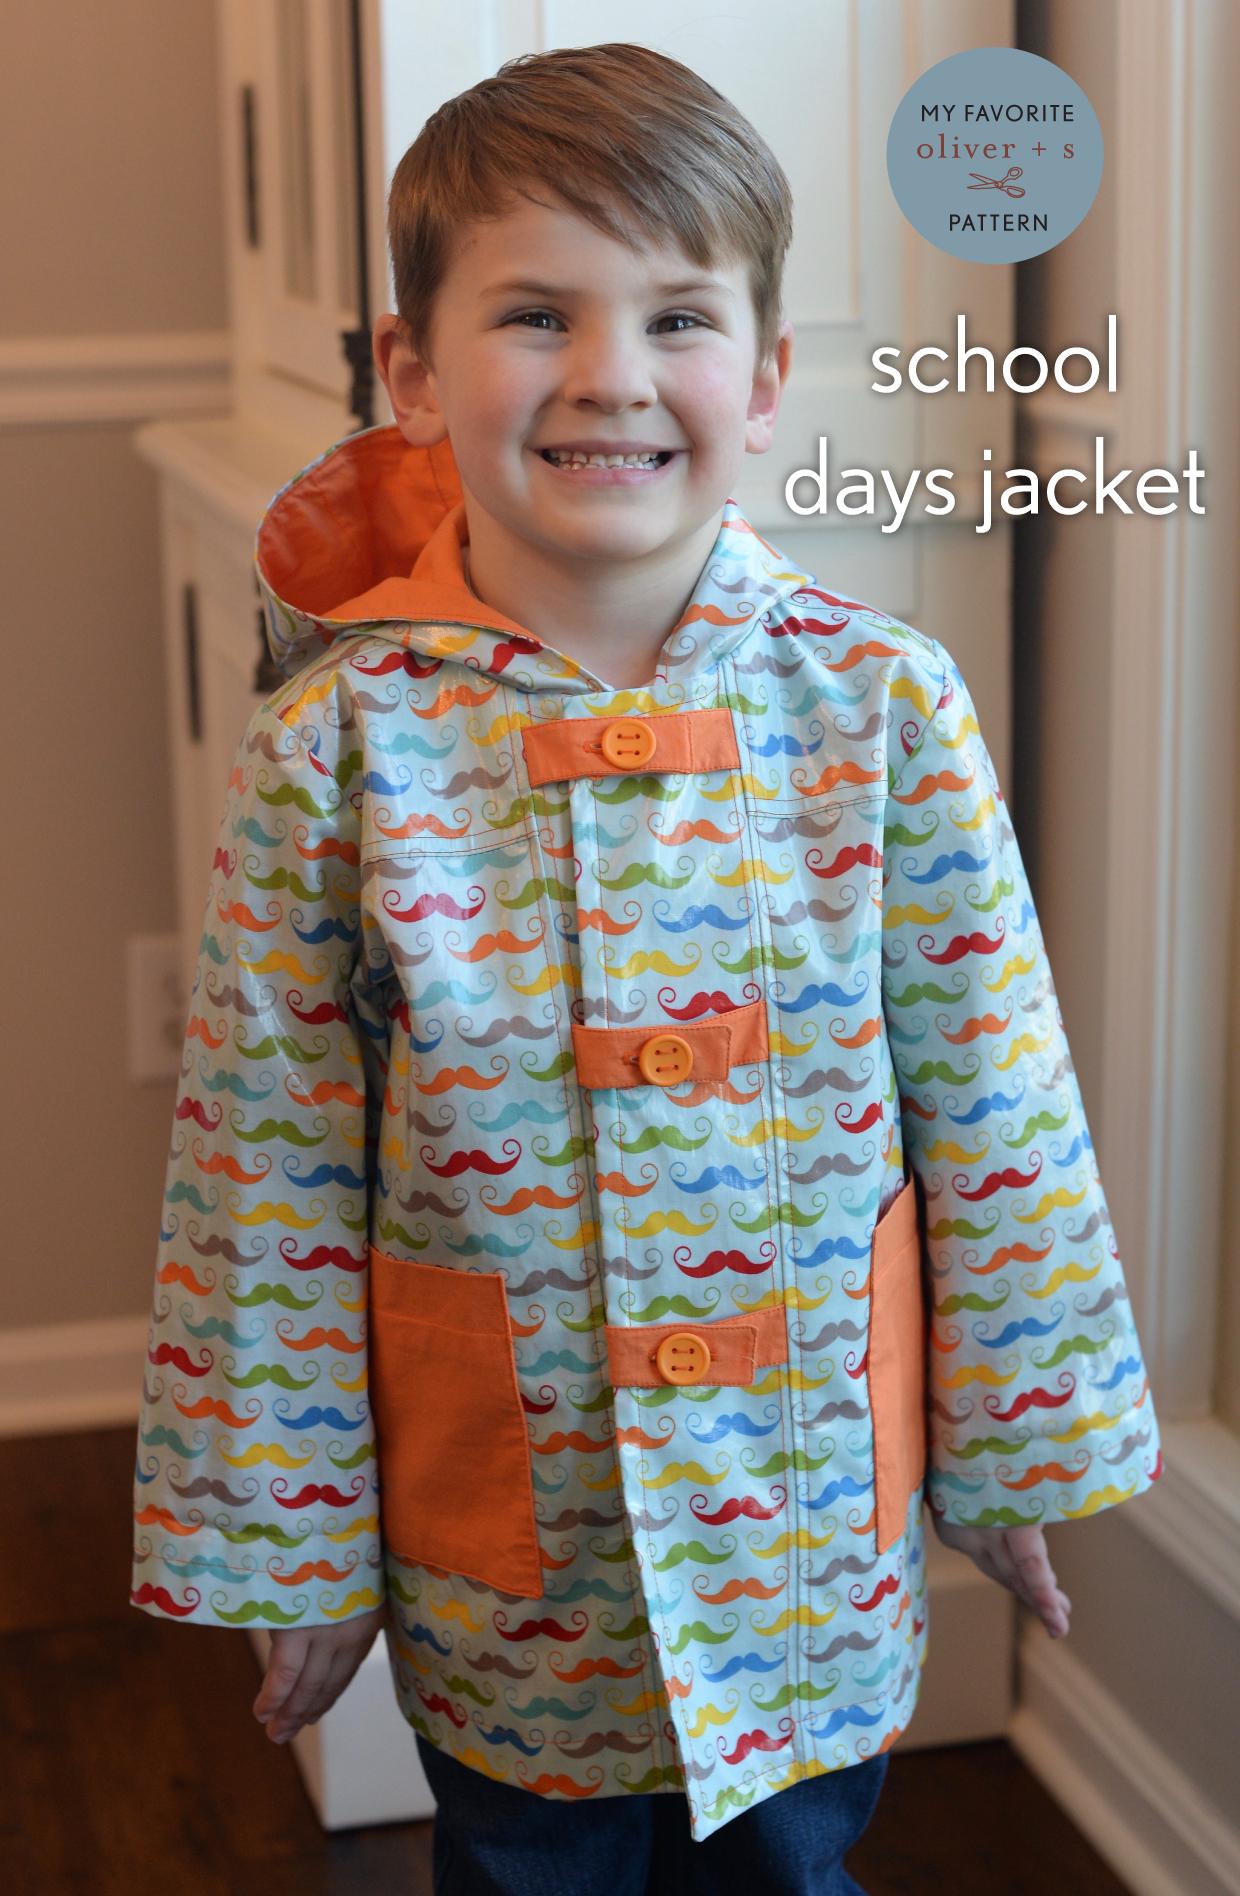 my favorite oliver s pattern school days jacket blog. Black Bedroom Furniture Sets. Home Design Ideas